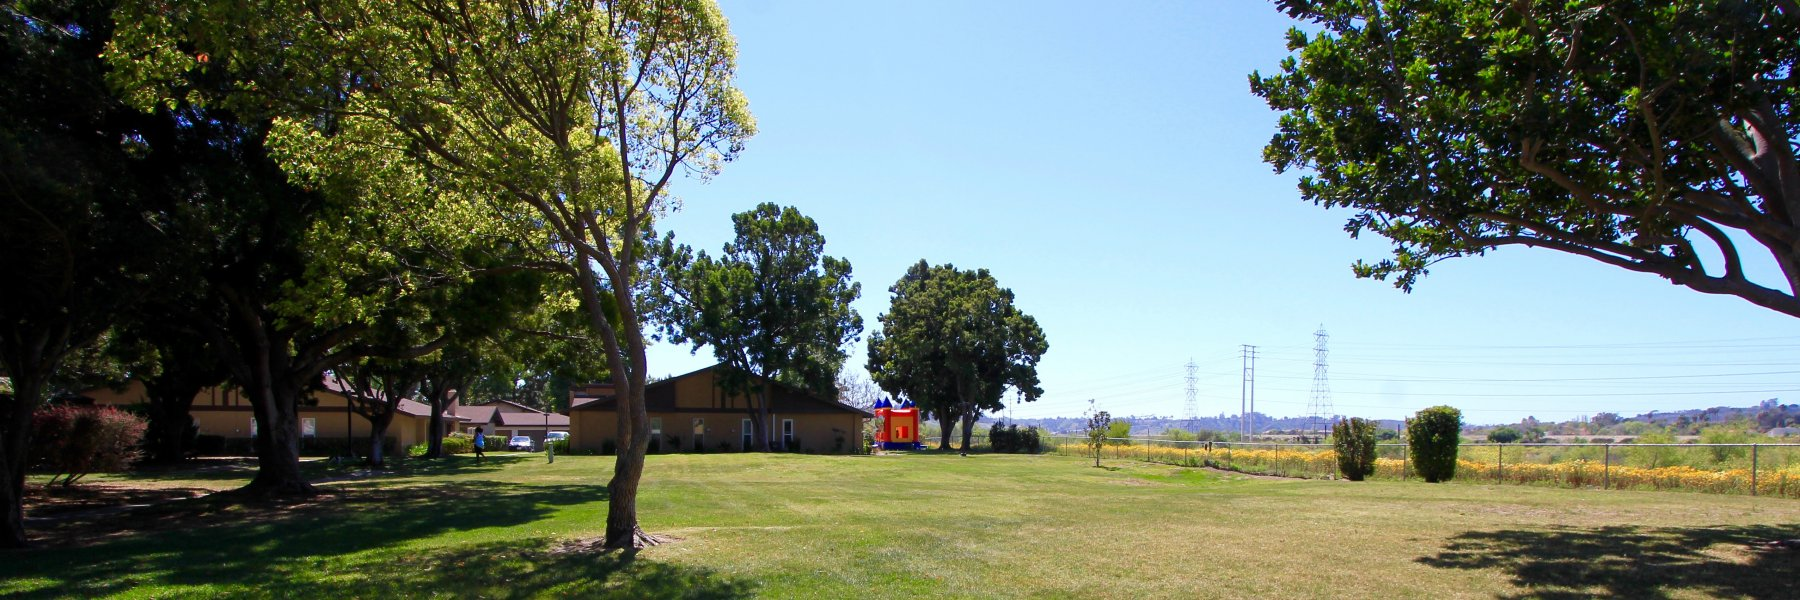 Mesa Margarita is a community of homes in Oceanside California